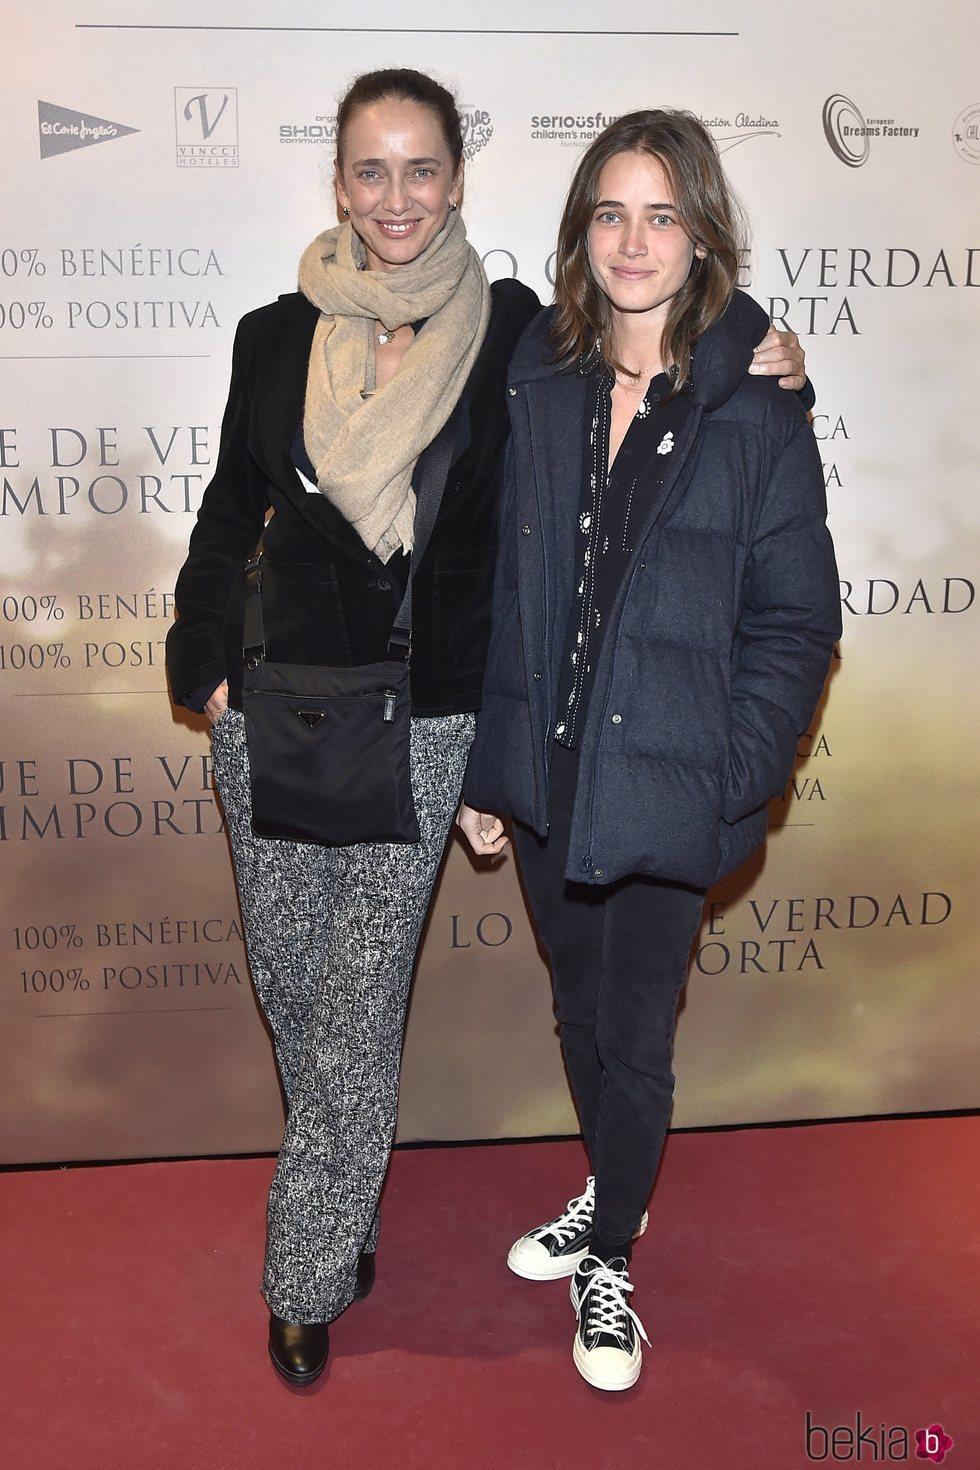 Blanca Suelves y su hija Blanca Osorio en un estreno en Madrid